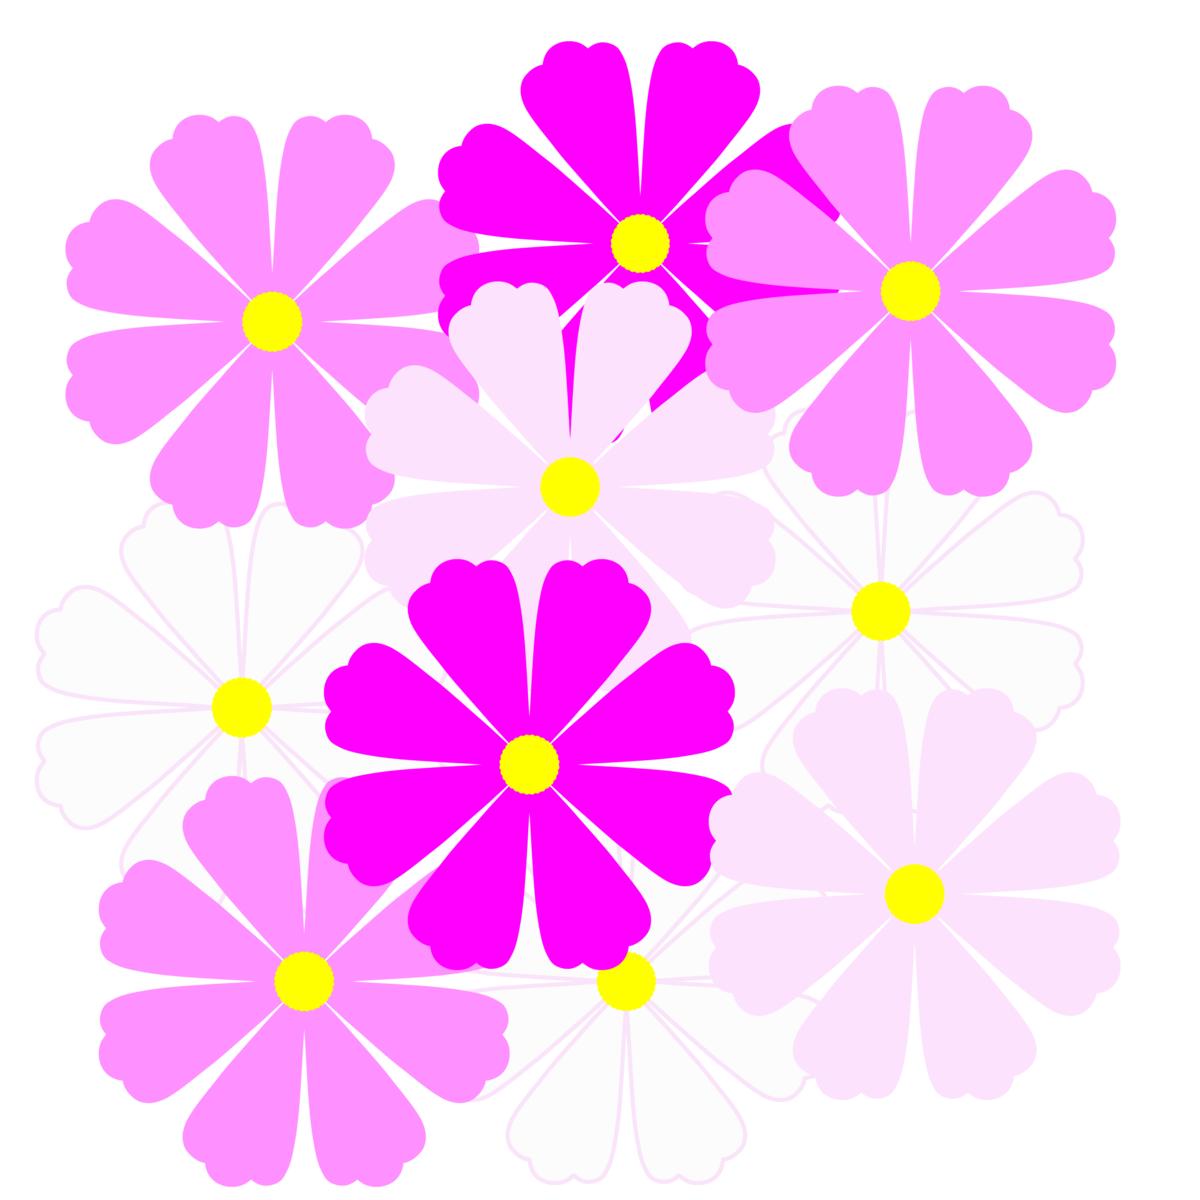 f:id:JuneNNN:20210914155645p:plain